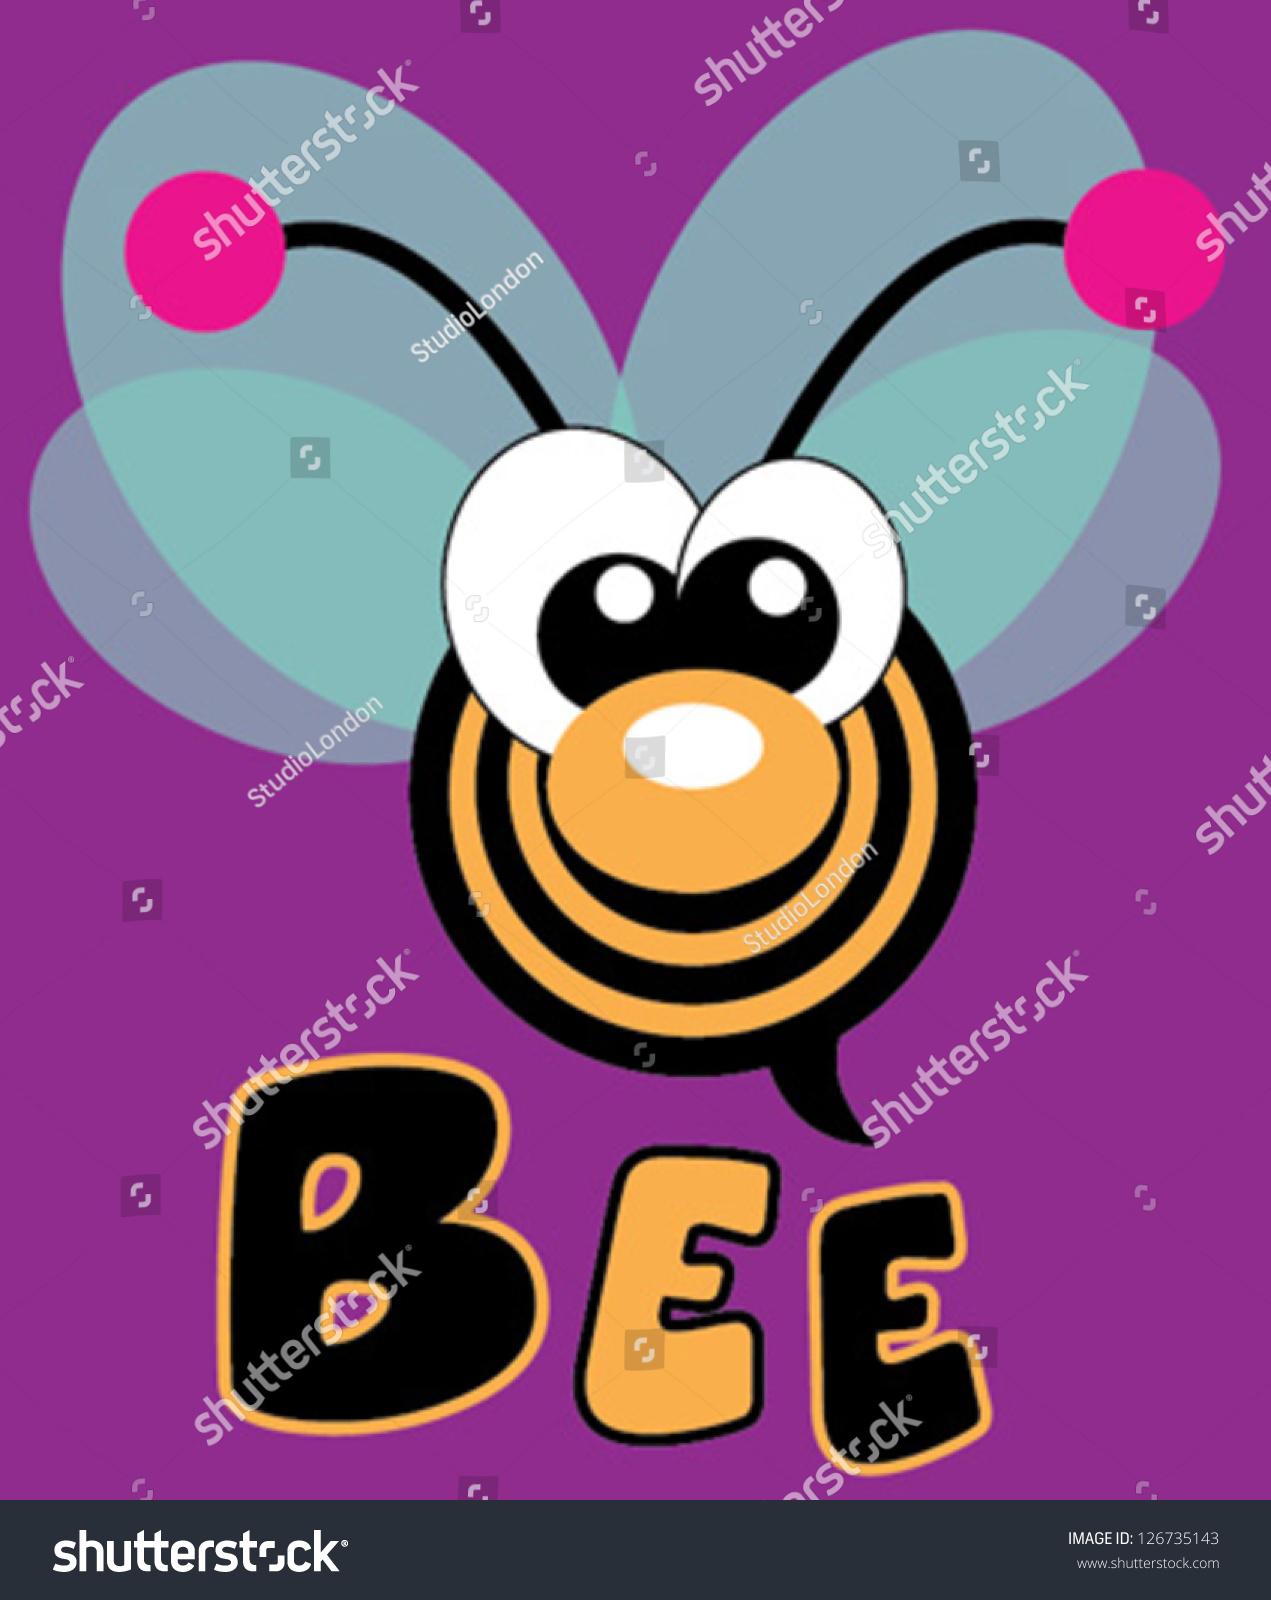 蜜蜂/ t恤图形/可爱的卡通人物/对孩子可爱的图形/书